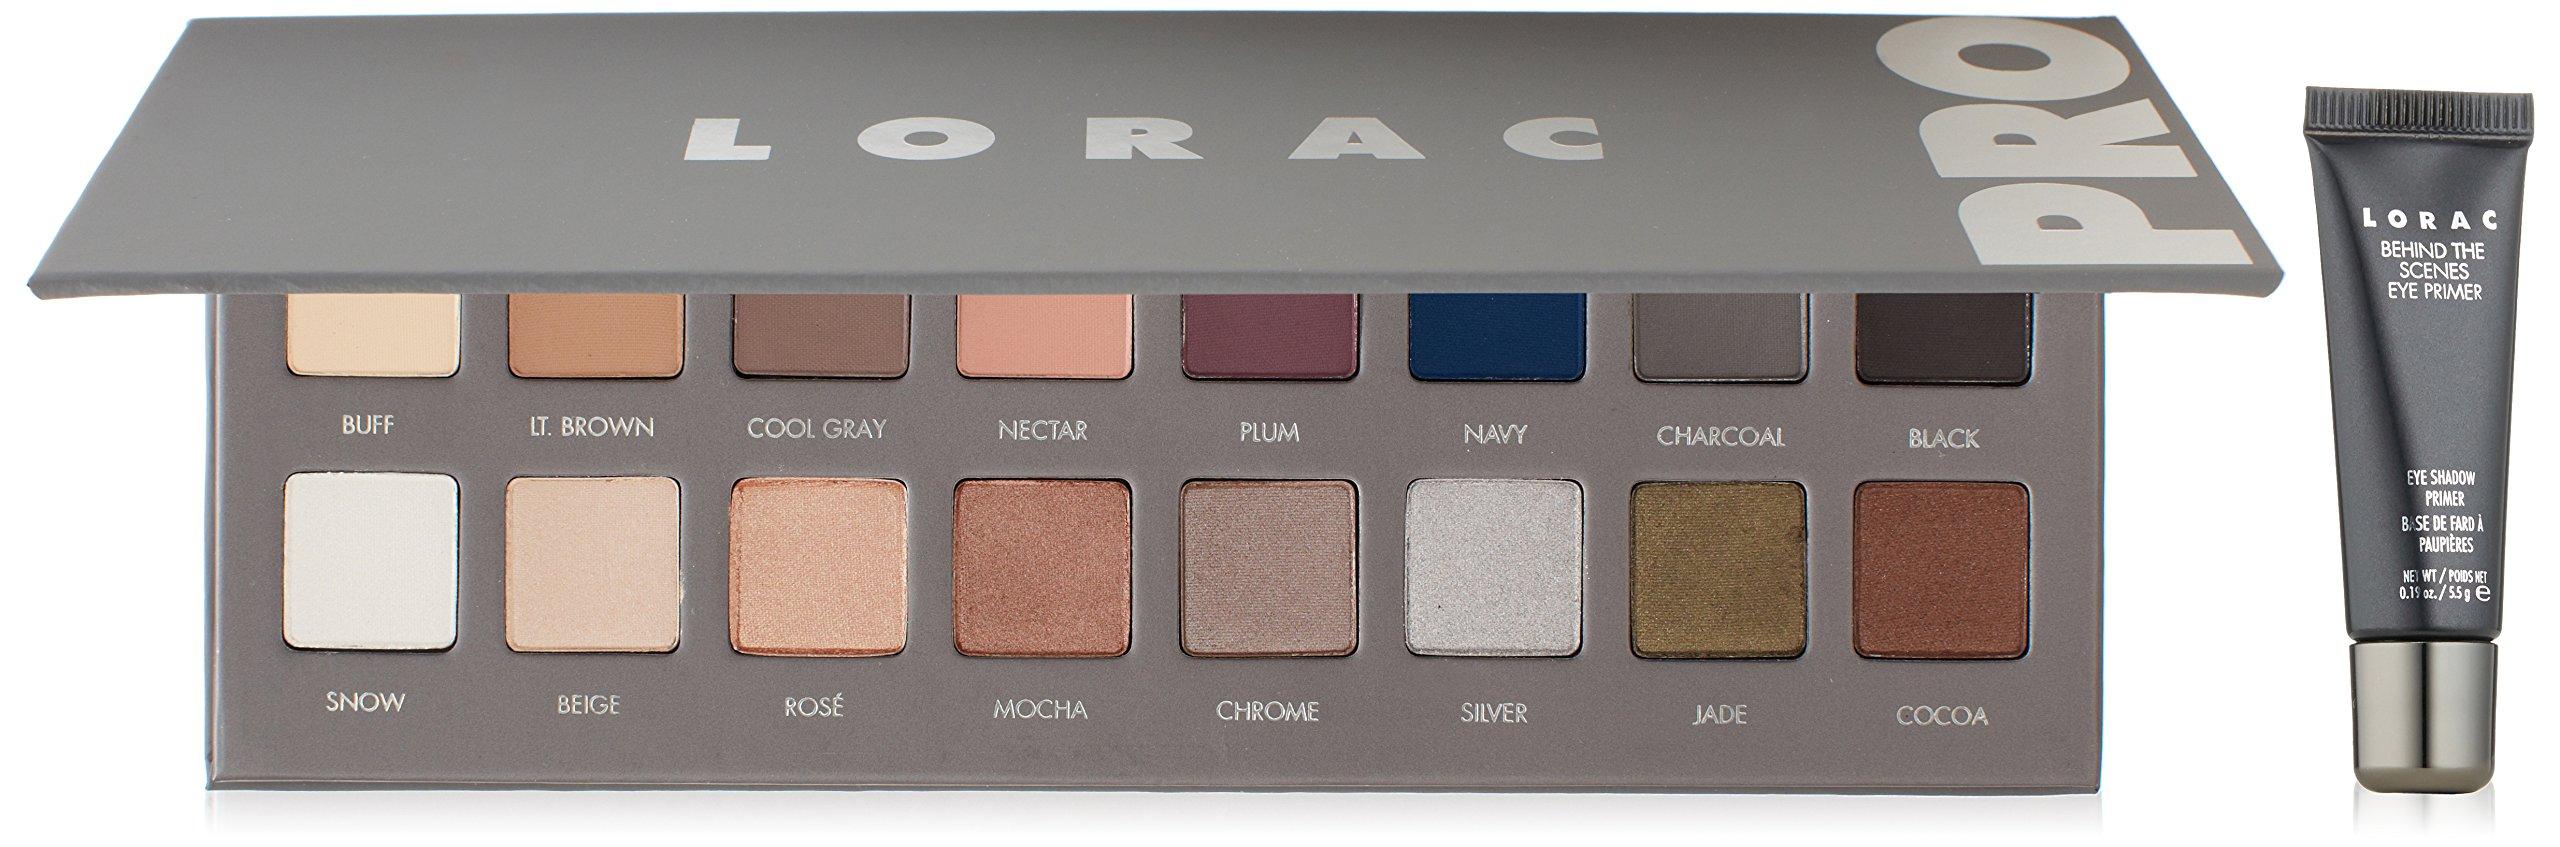 Lorac Eye Shadow Pro Palette 3 Luxury Beauty Lt Naturally Glam 2